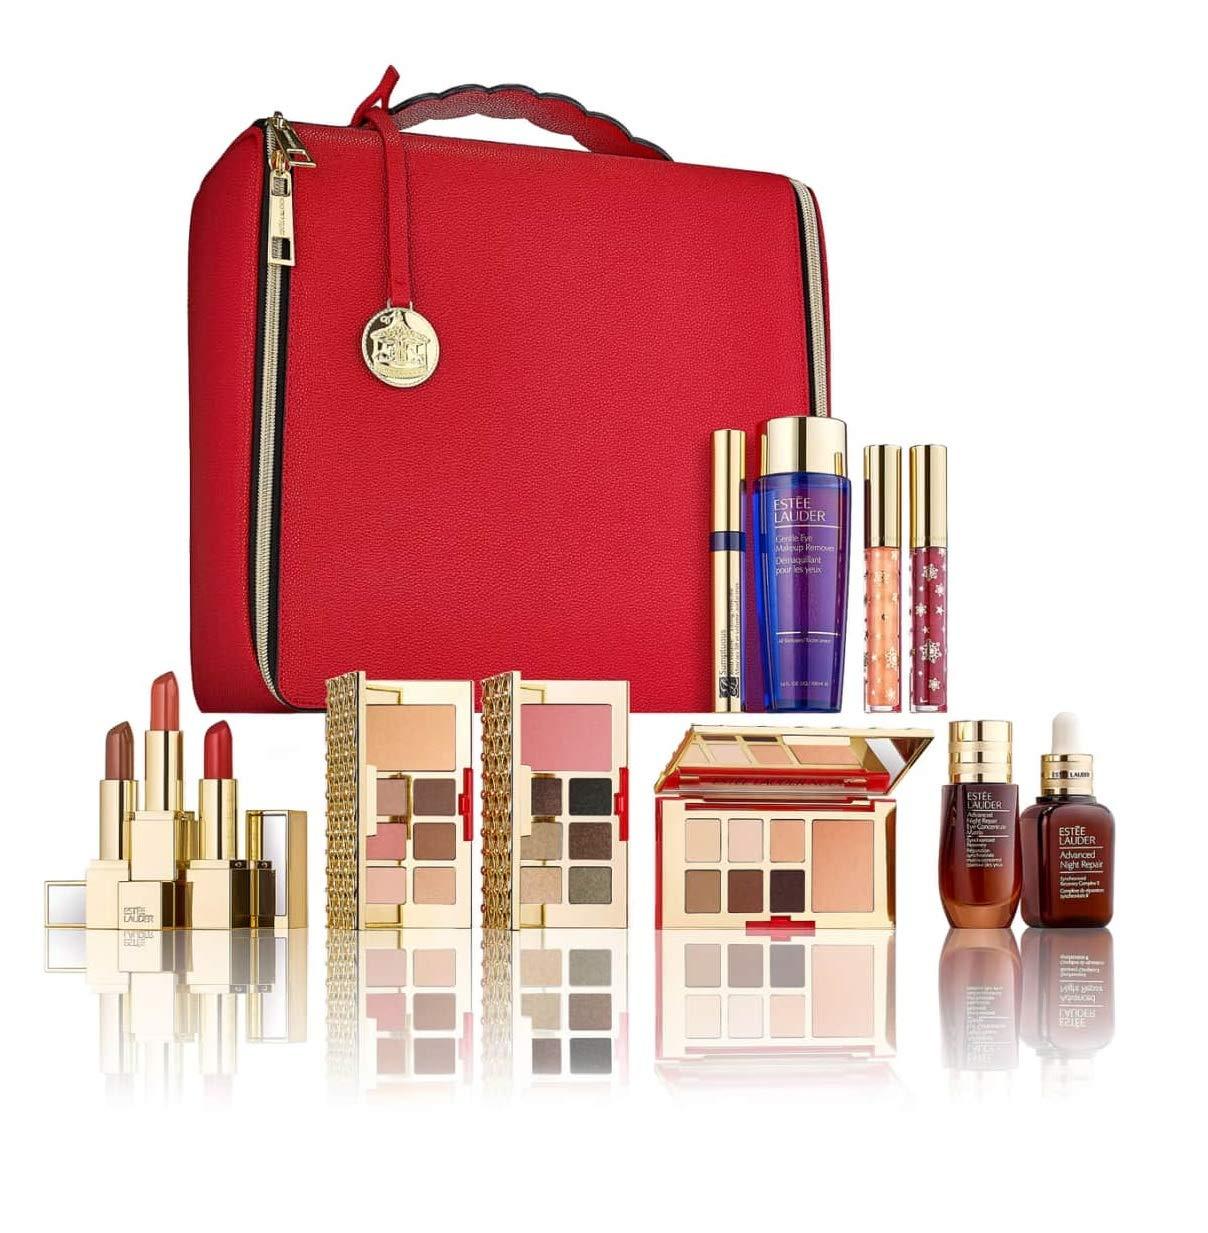 Amazon.com: Estee Lauder 2018 - Set de regalo de Navidad ...